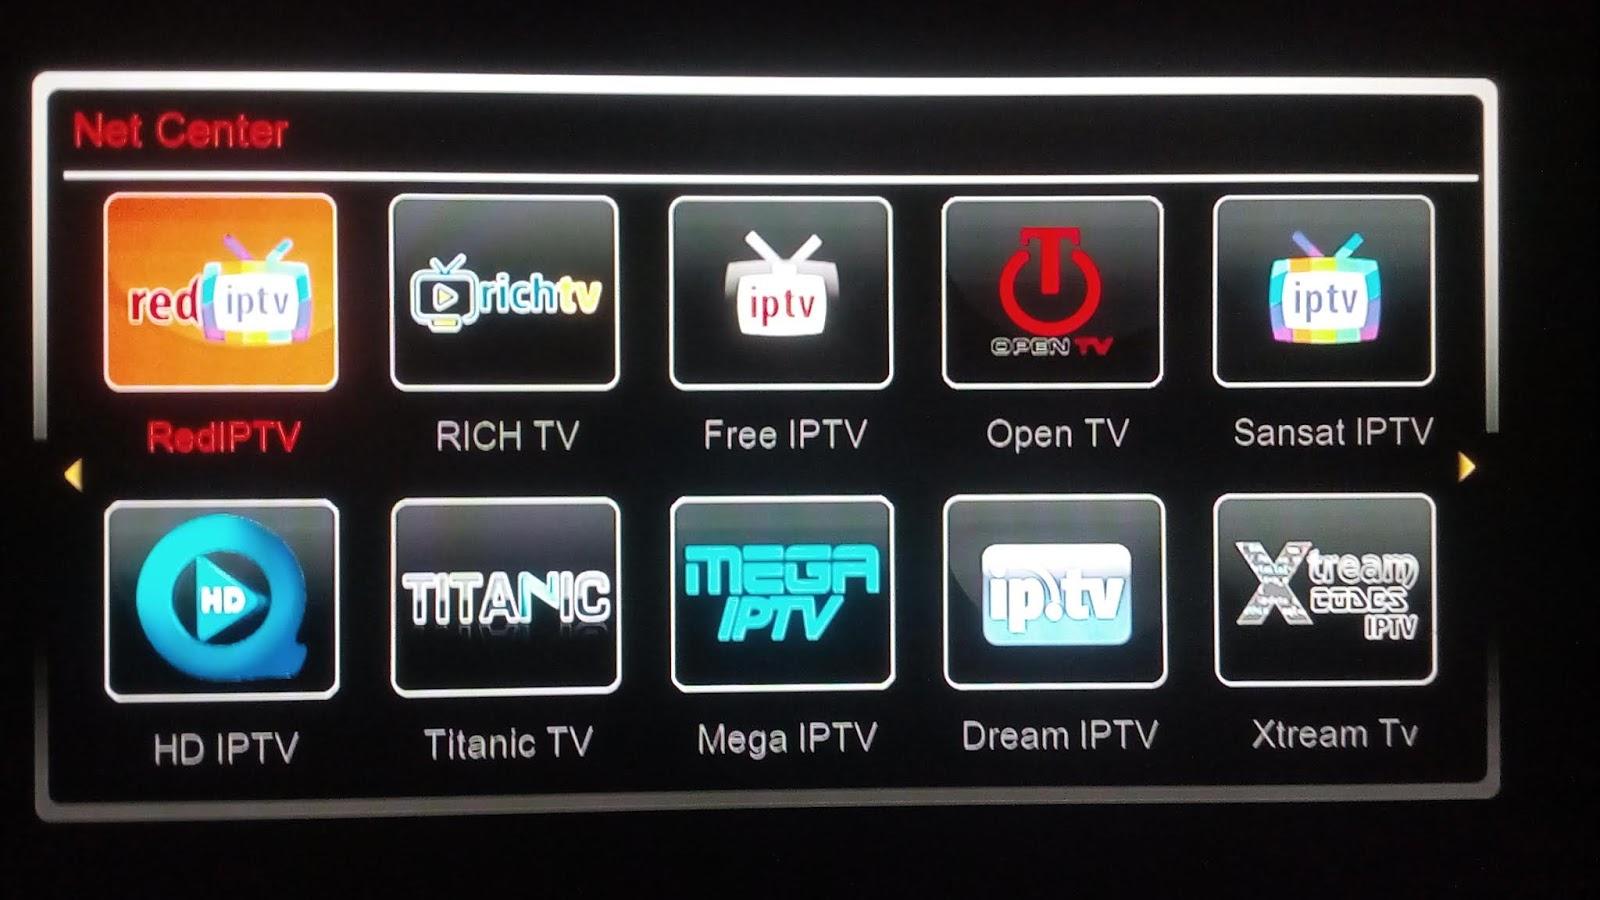 تفعيل خدمة IPTV كود تجريبي لمدة 222 يوم IPTV is a trial code